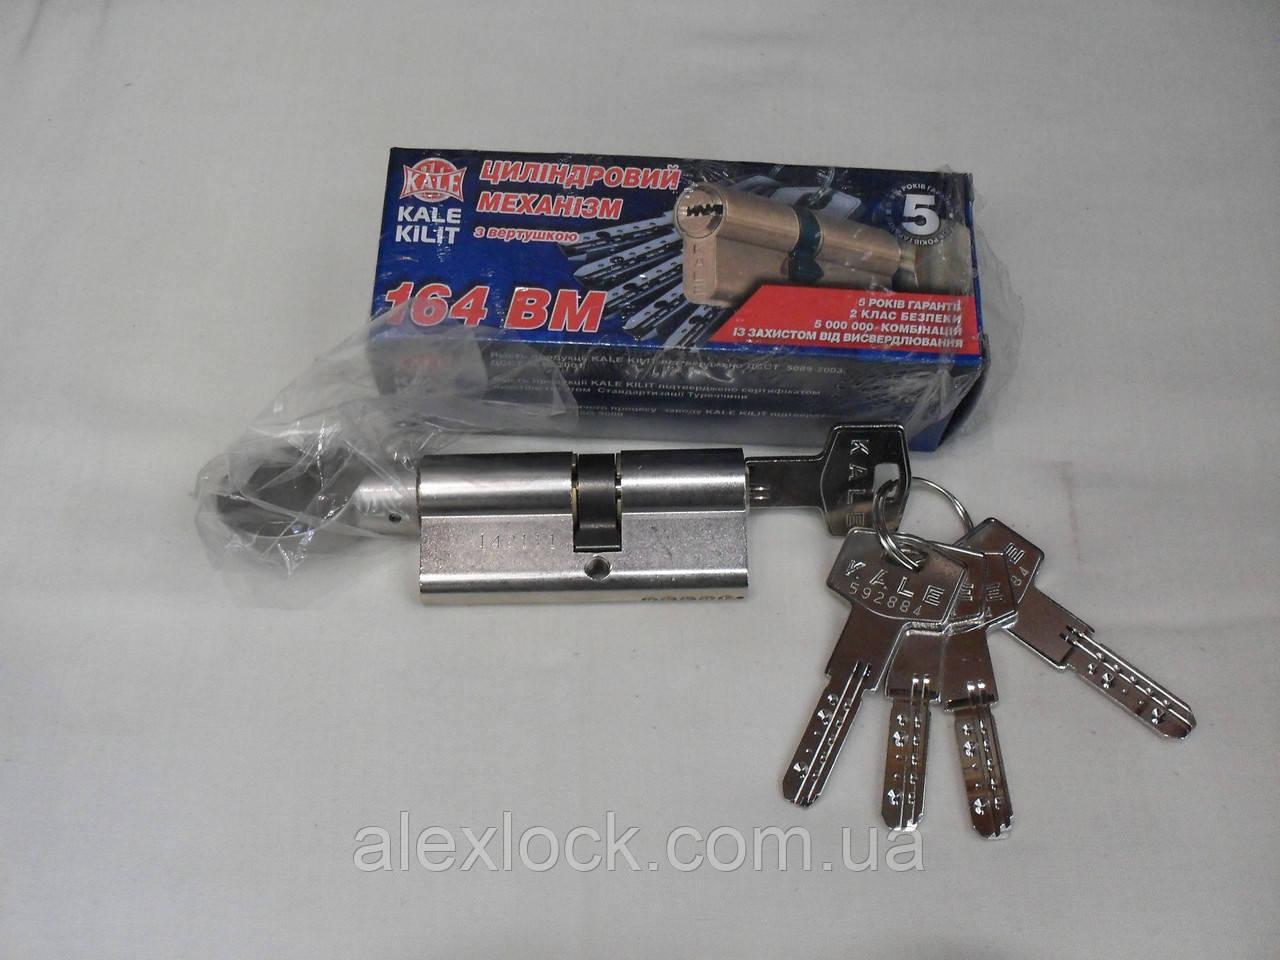 Цилиндровый механизм Kale 164 BM/68mm